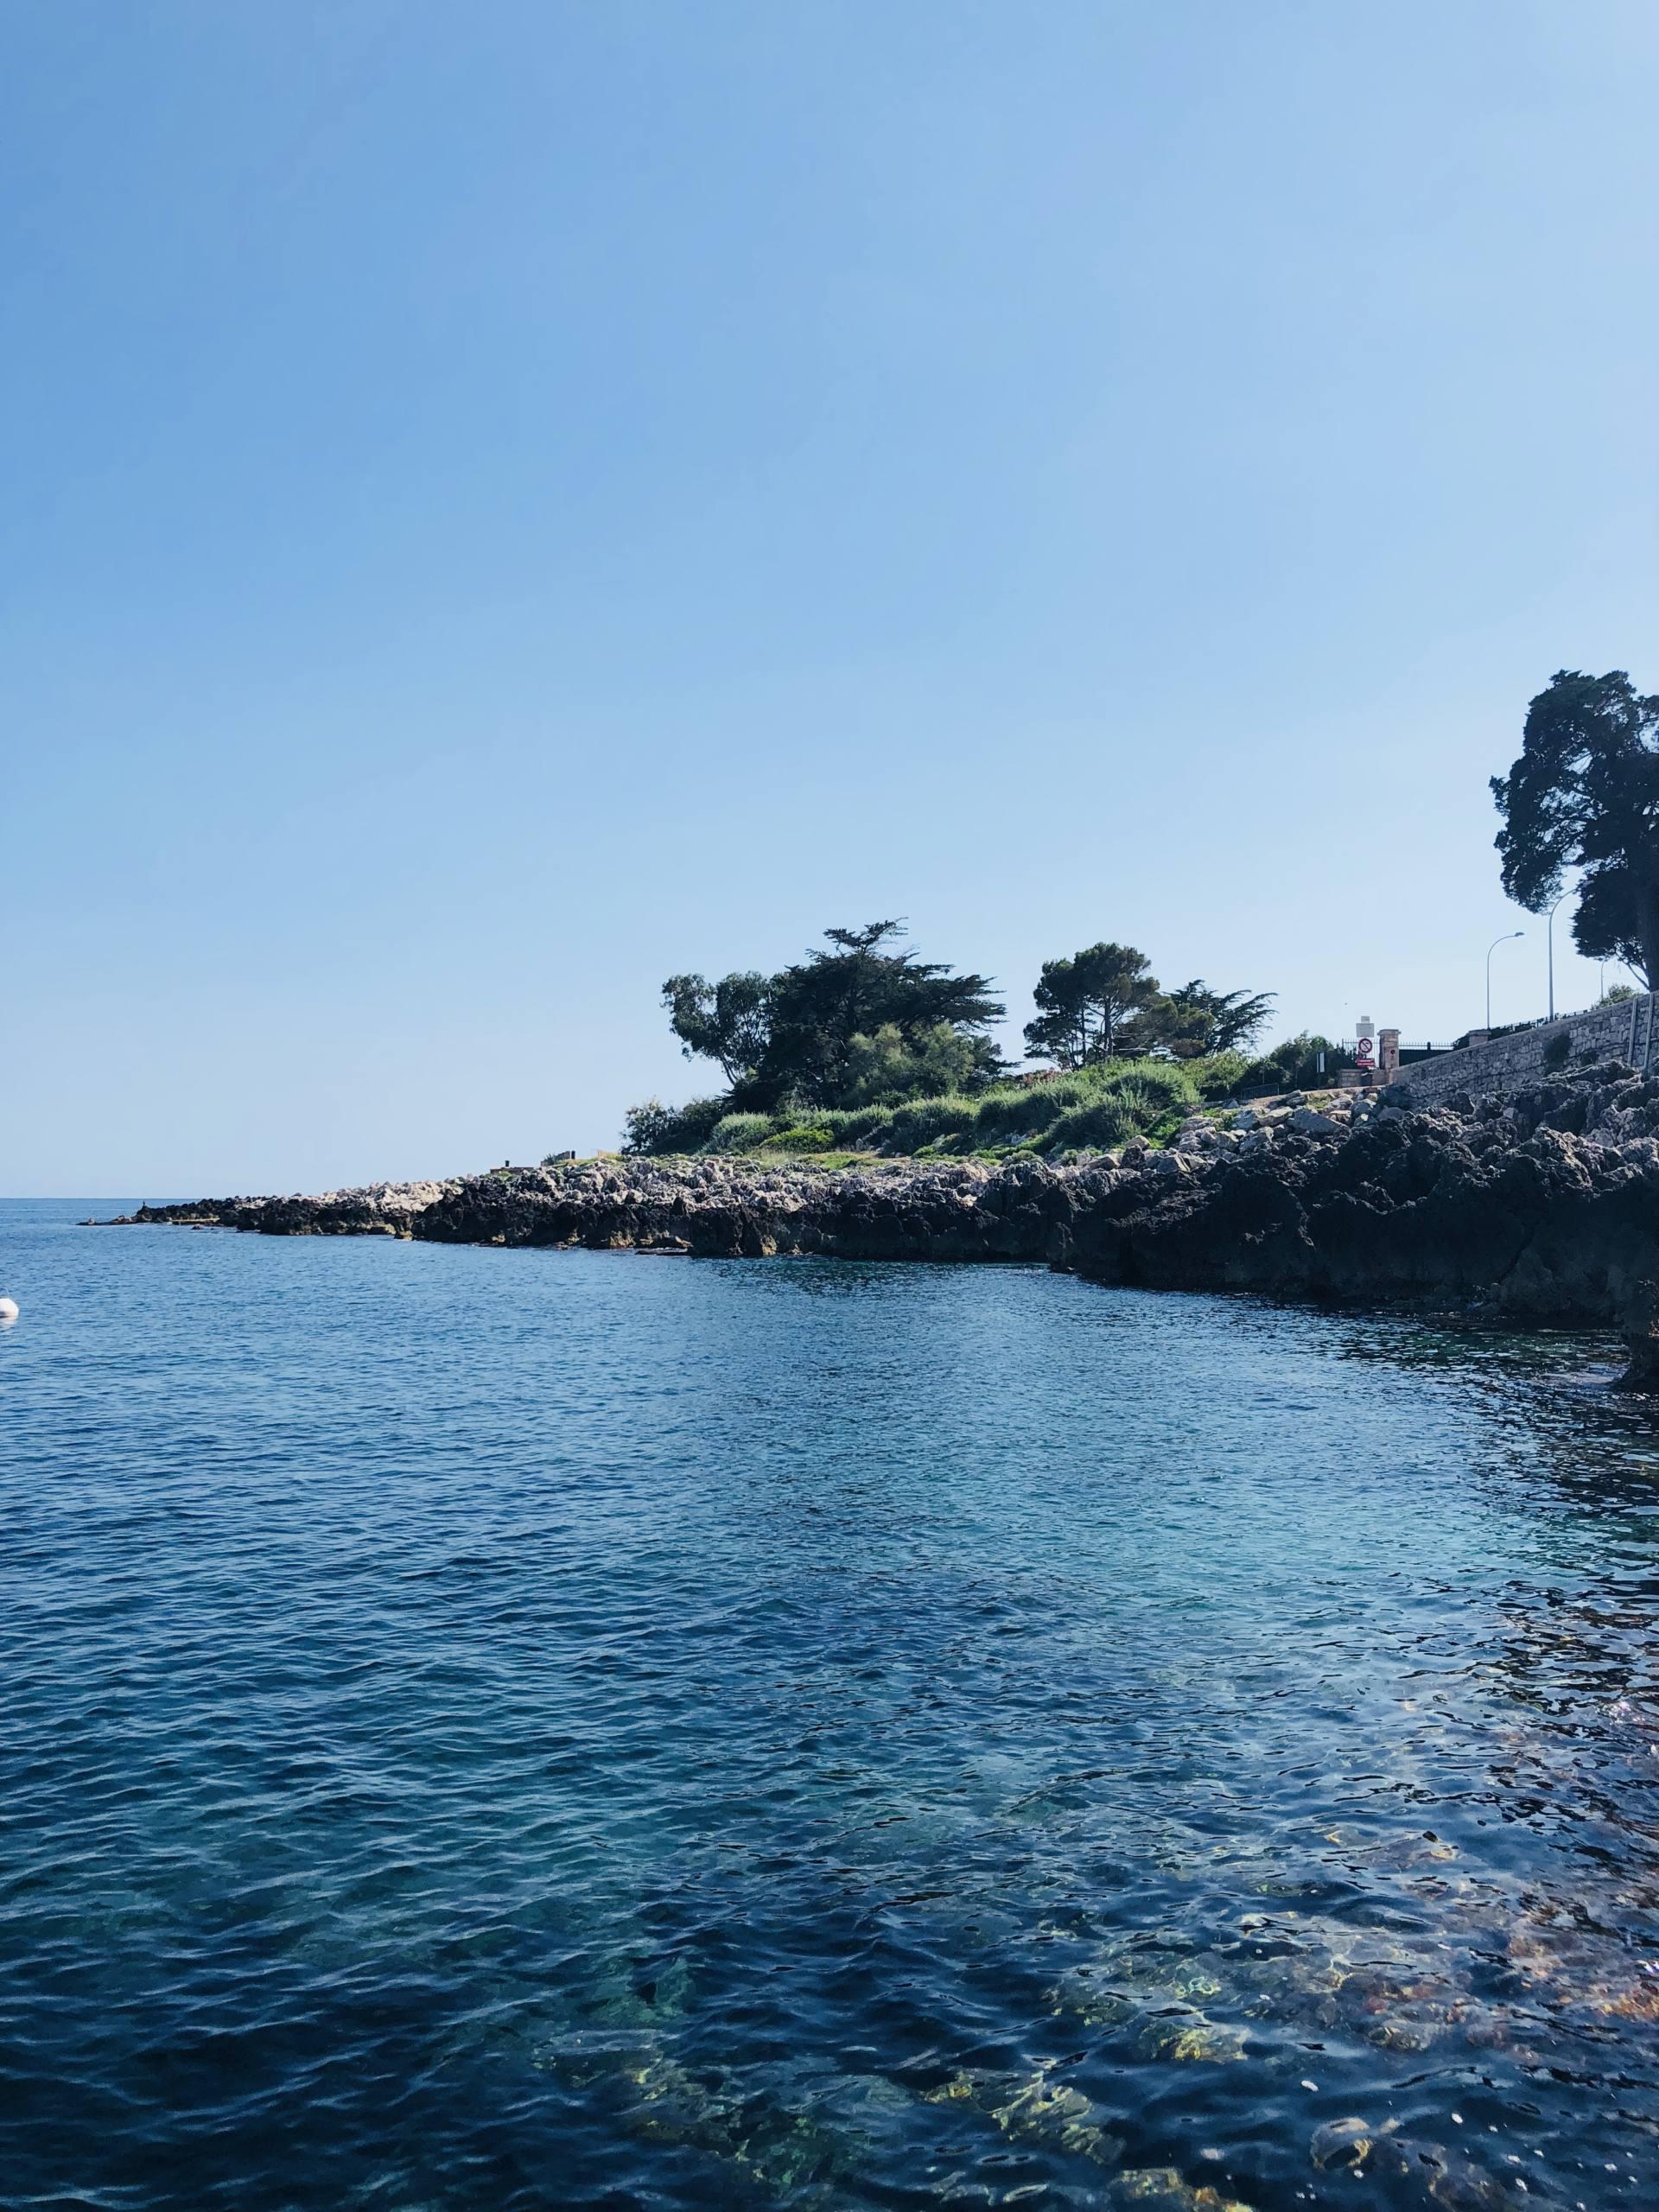 la cigale vista beach plage côte d'azur